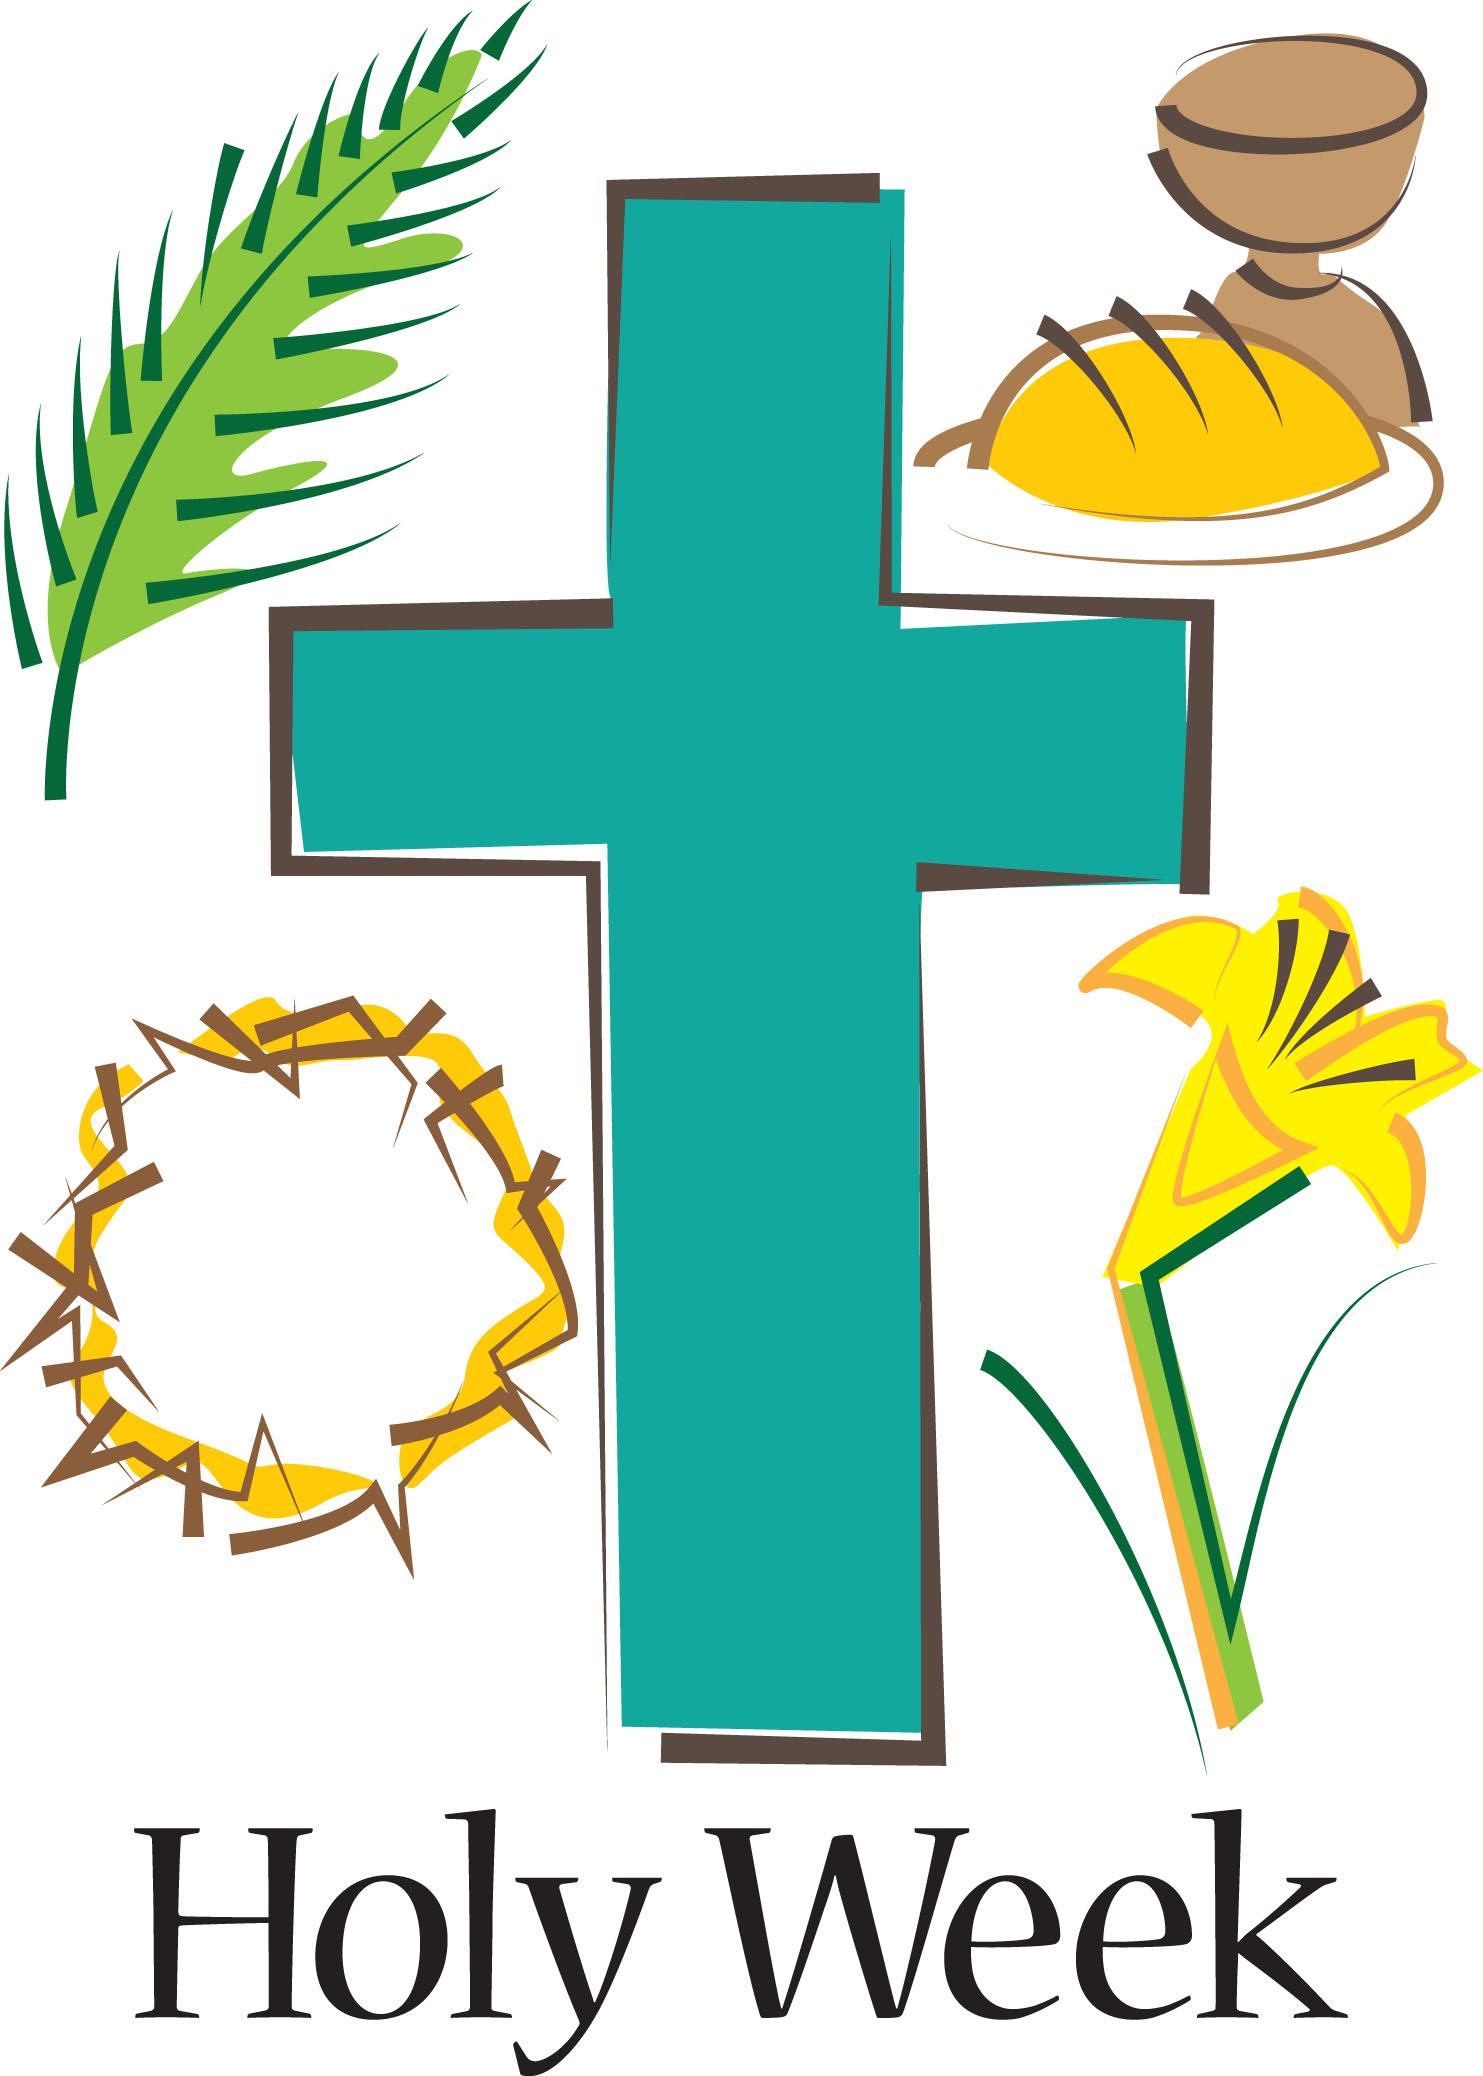 ... Holy Week Clip Art - ClipArt Best ..-... Holy Week Clip Art - ClipArt Best ...-10